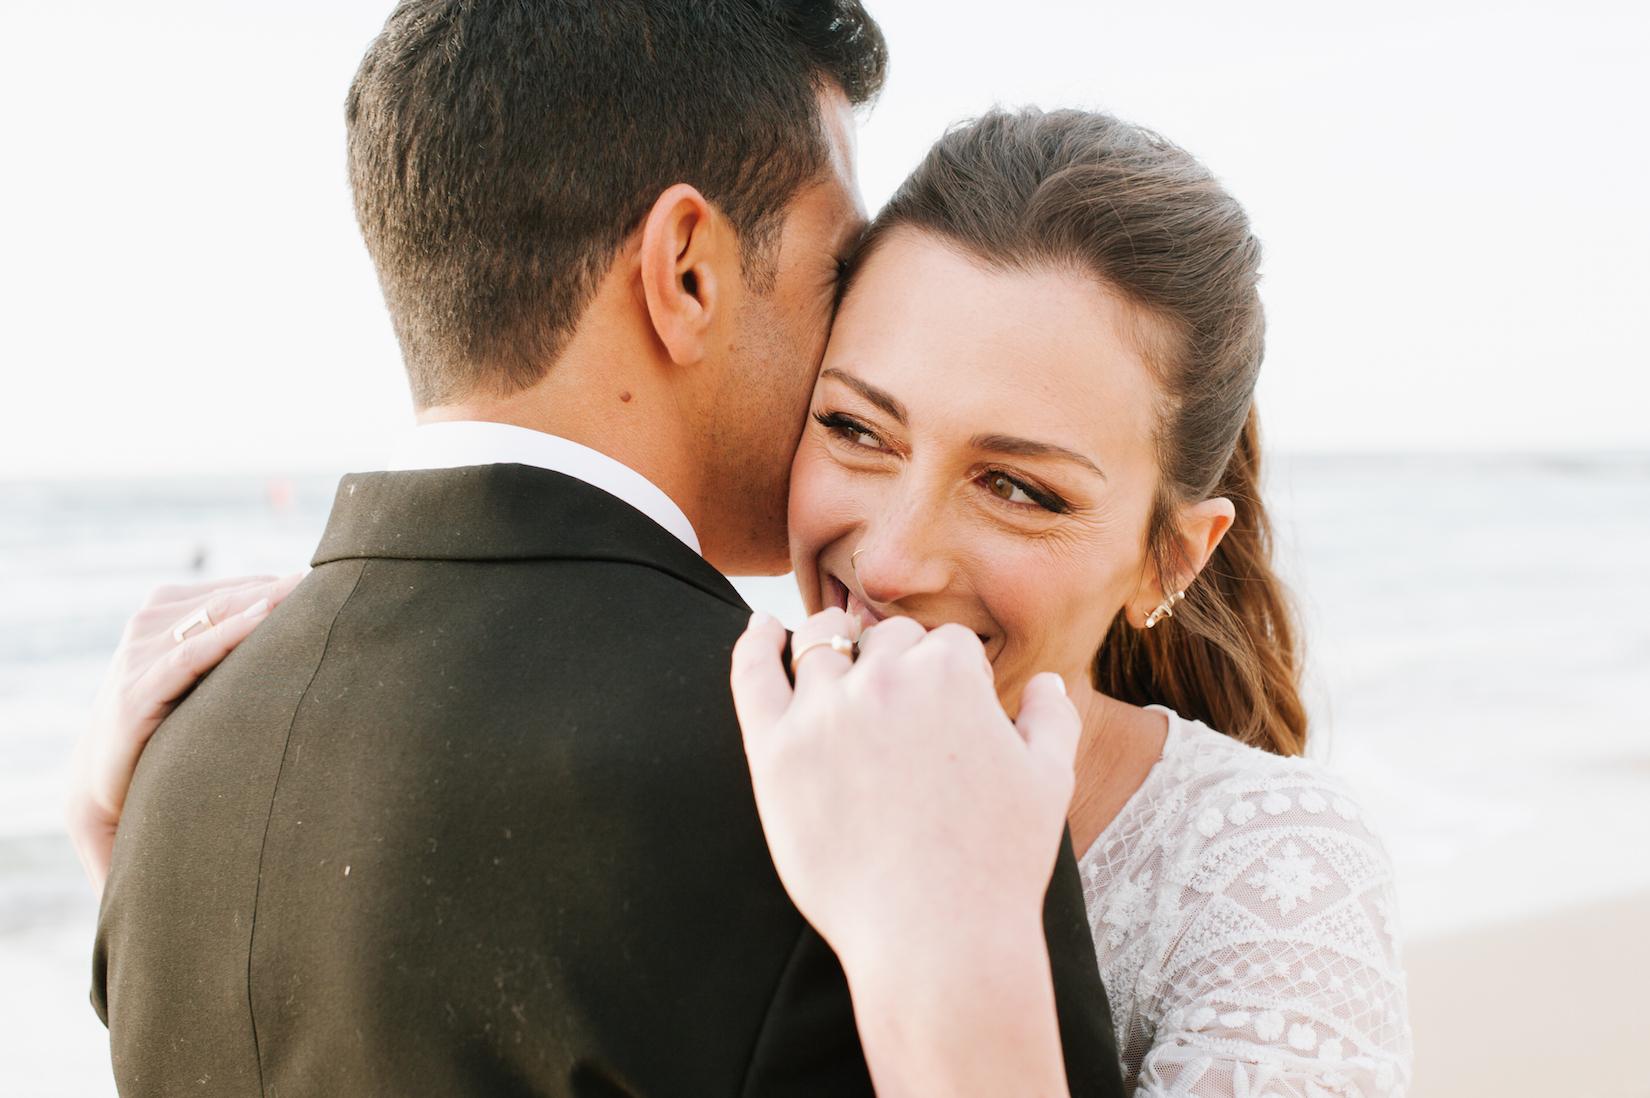 חתונה אליפות: היום הגדול של ליאת ושחר צוברי